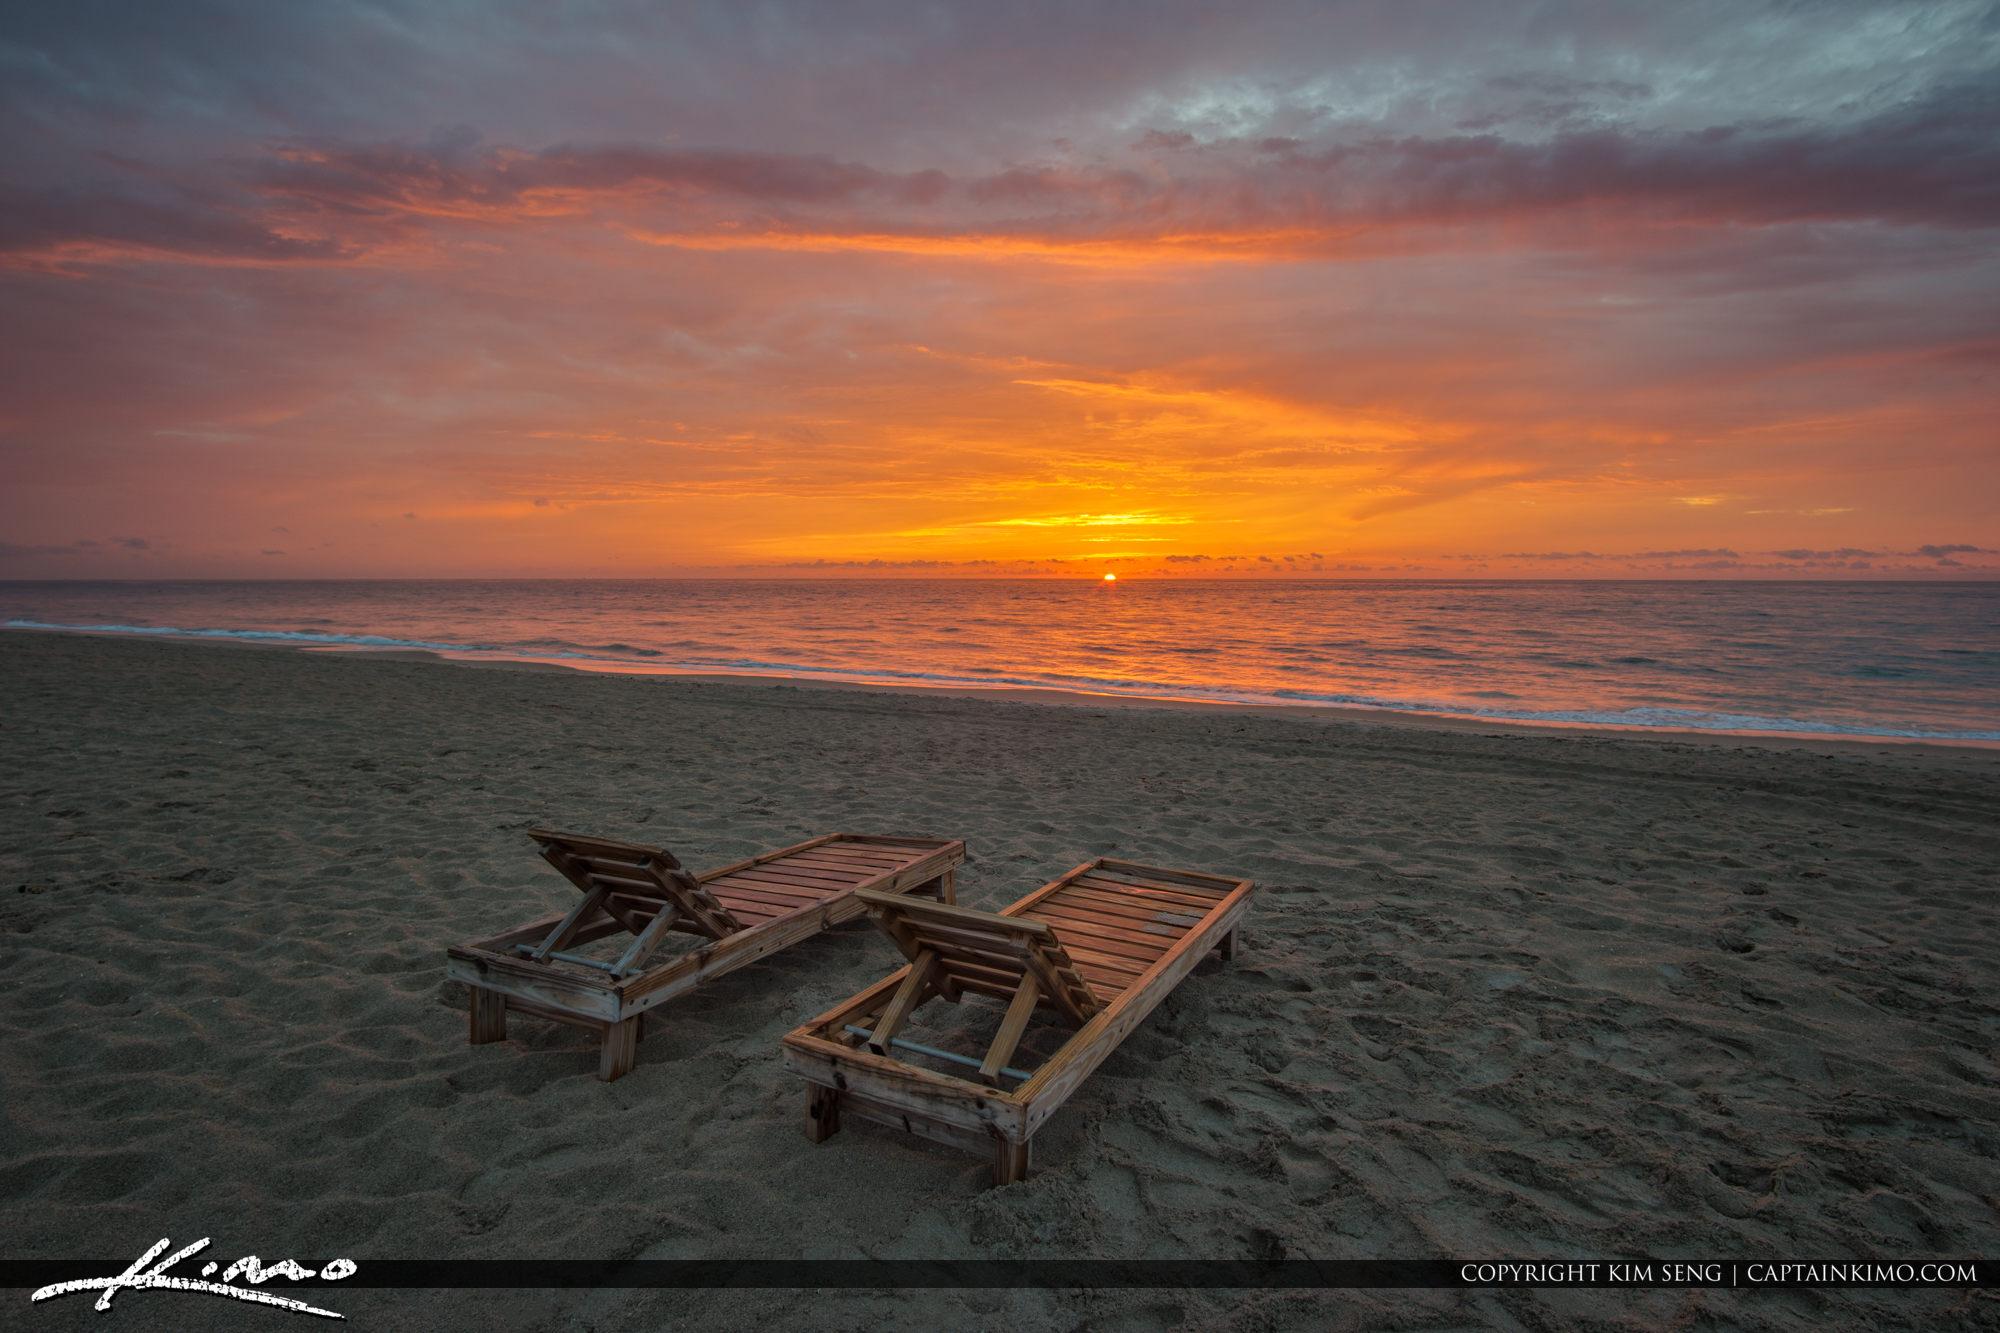 Beach Chairs Florida Sunrise